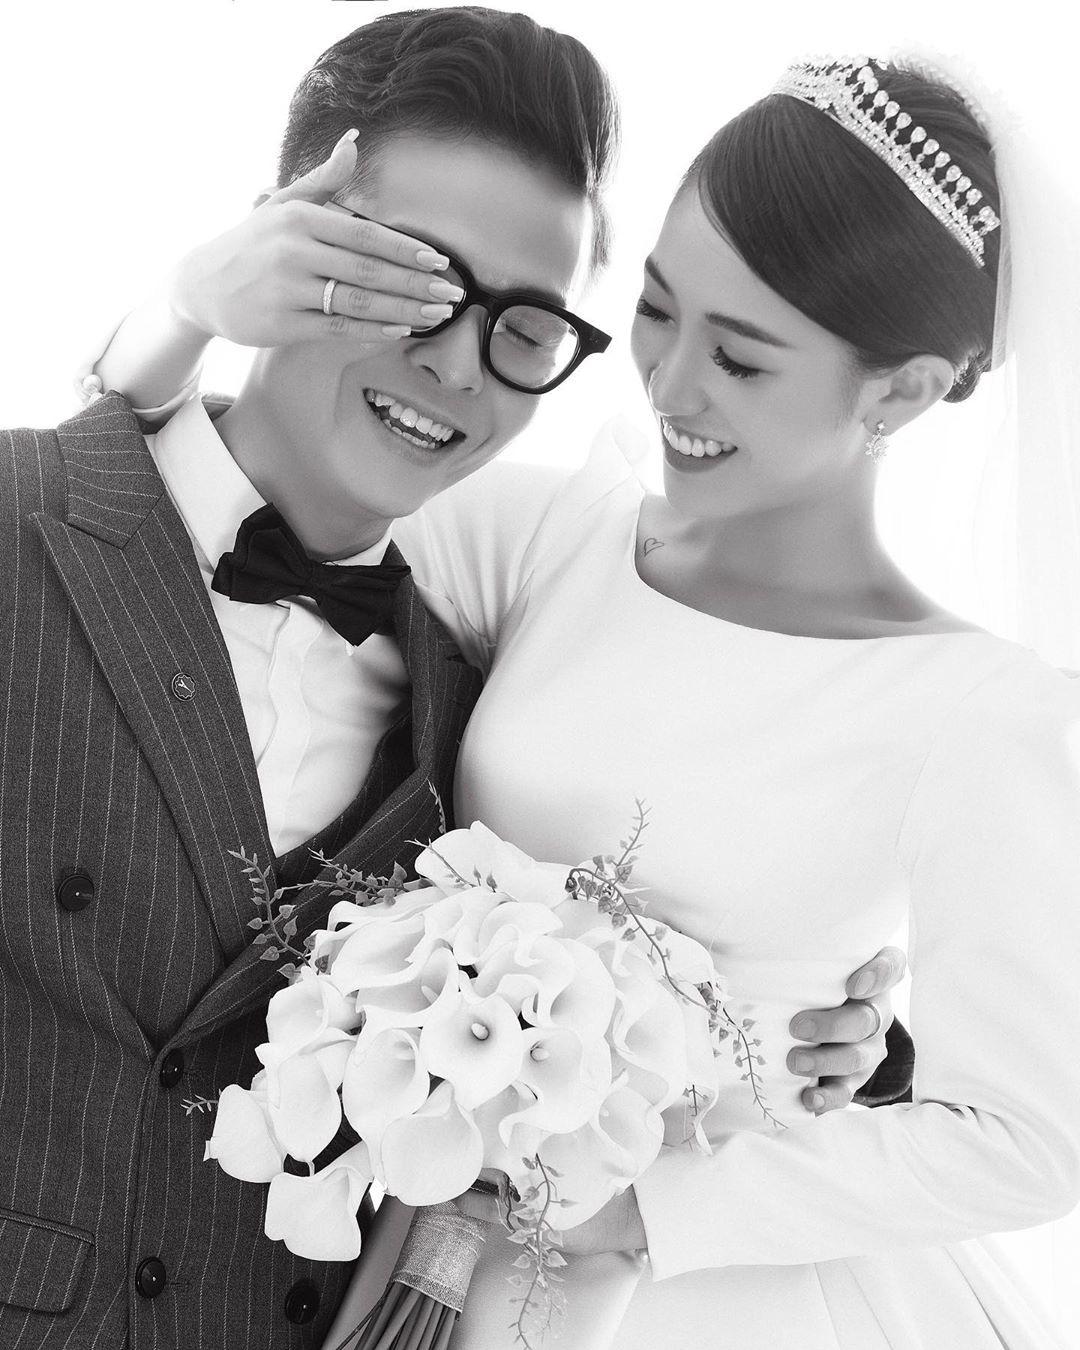 Con gái Minh Nhựa đăng loạt ảnh cưới chưa tiết lộ nhân ngày kỷ niệm 1 năm, nhìn loạt váy mà thấy trầm trồ ngưỡng mộ - Ảnh 8.